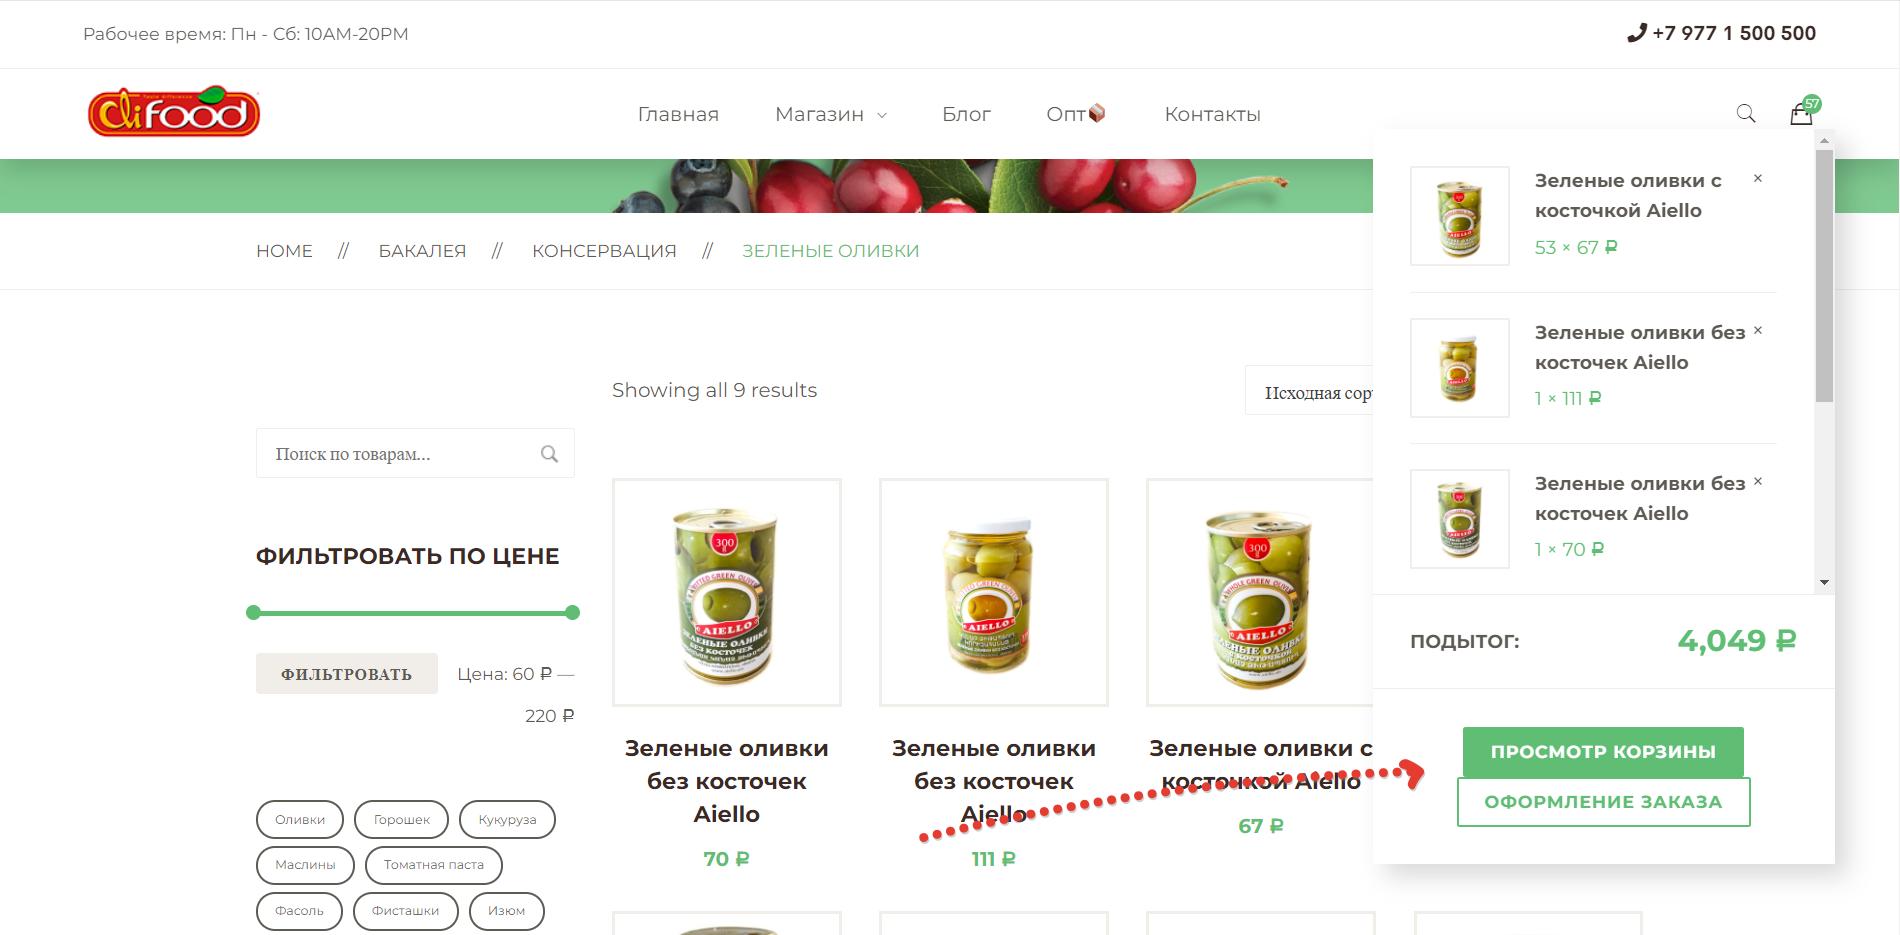 купить орехи и сухофрукты в Москве